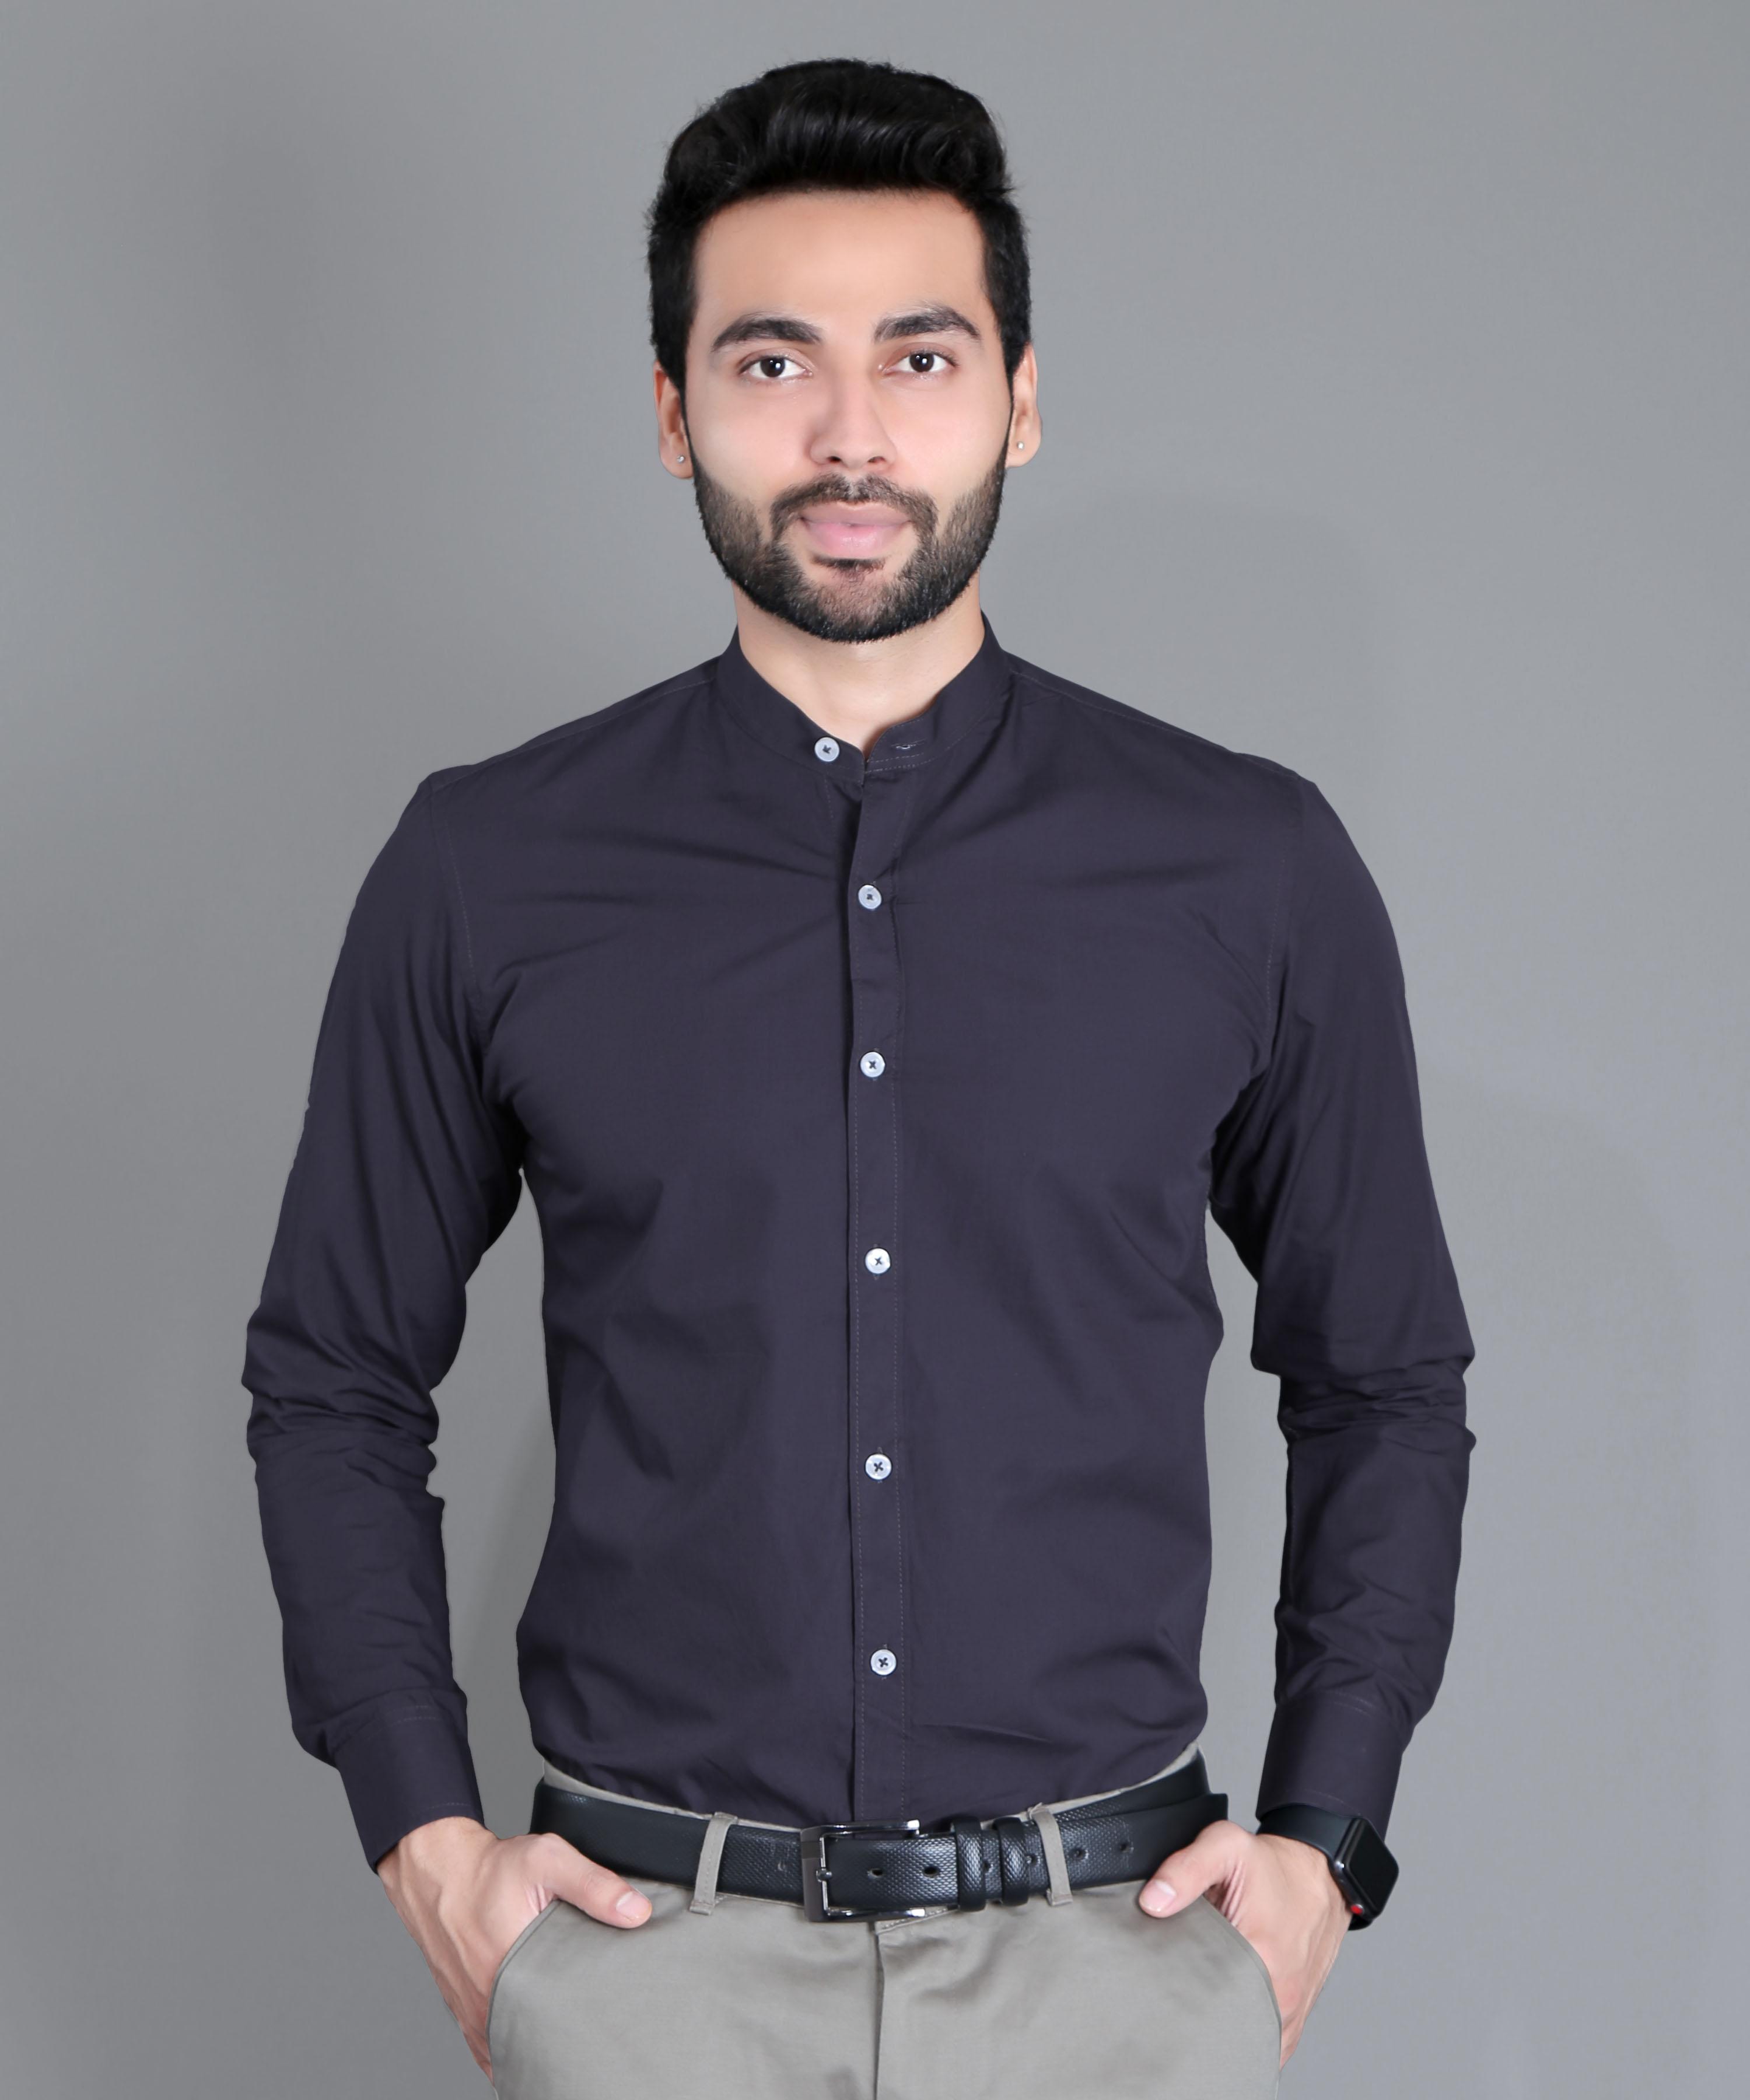 FIFTH ANFOLD Formal Mandrin Collar full Sleev/Long Sleev Dark Grey Pure Cotton Plain Solid Men Shirt